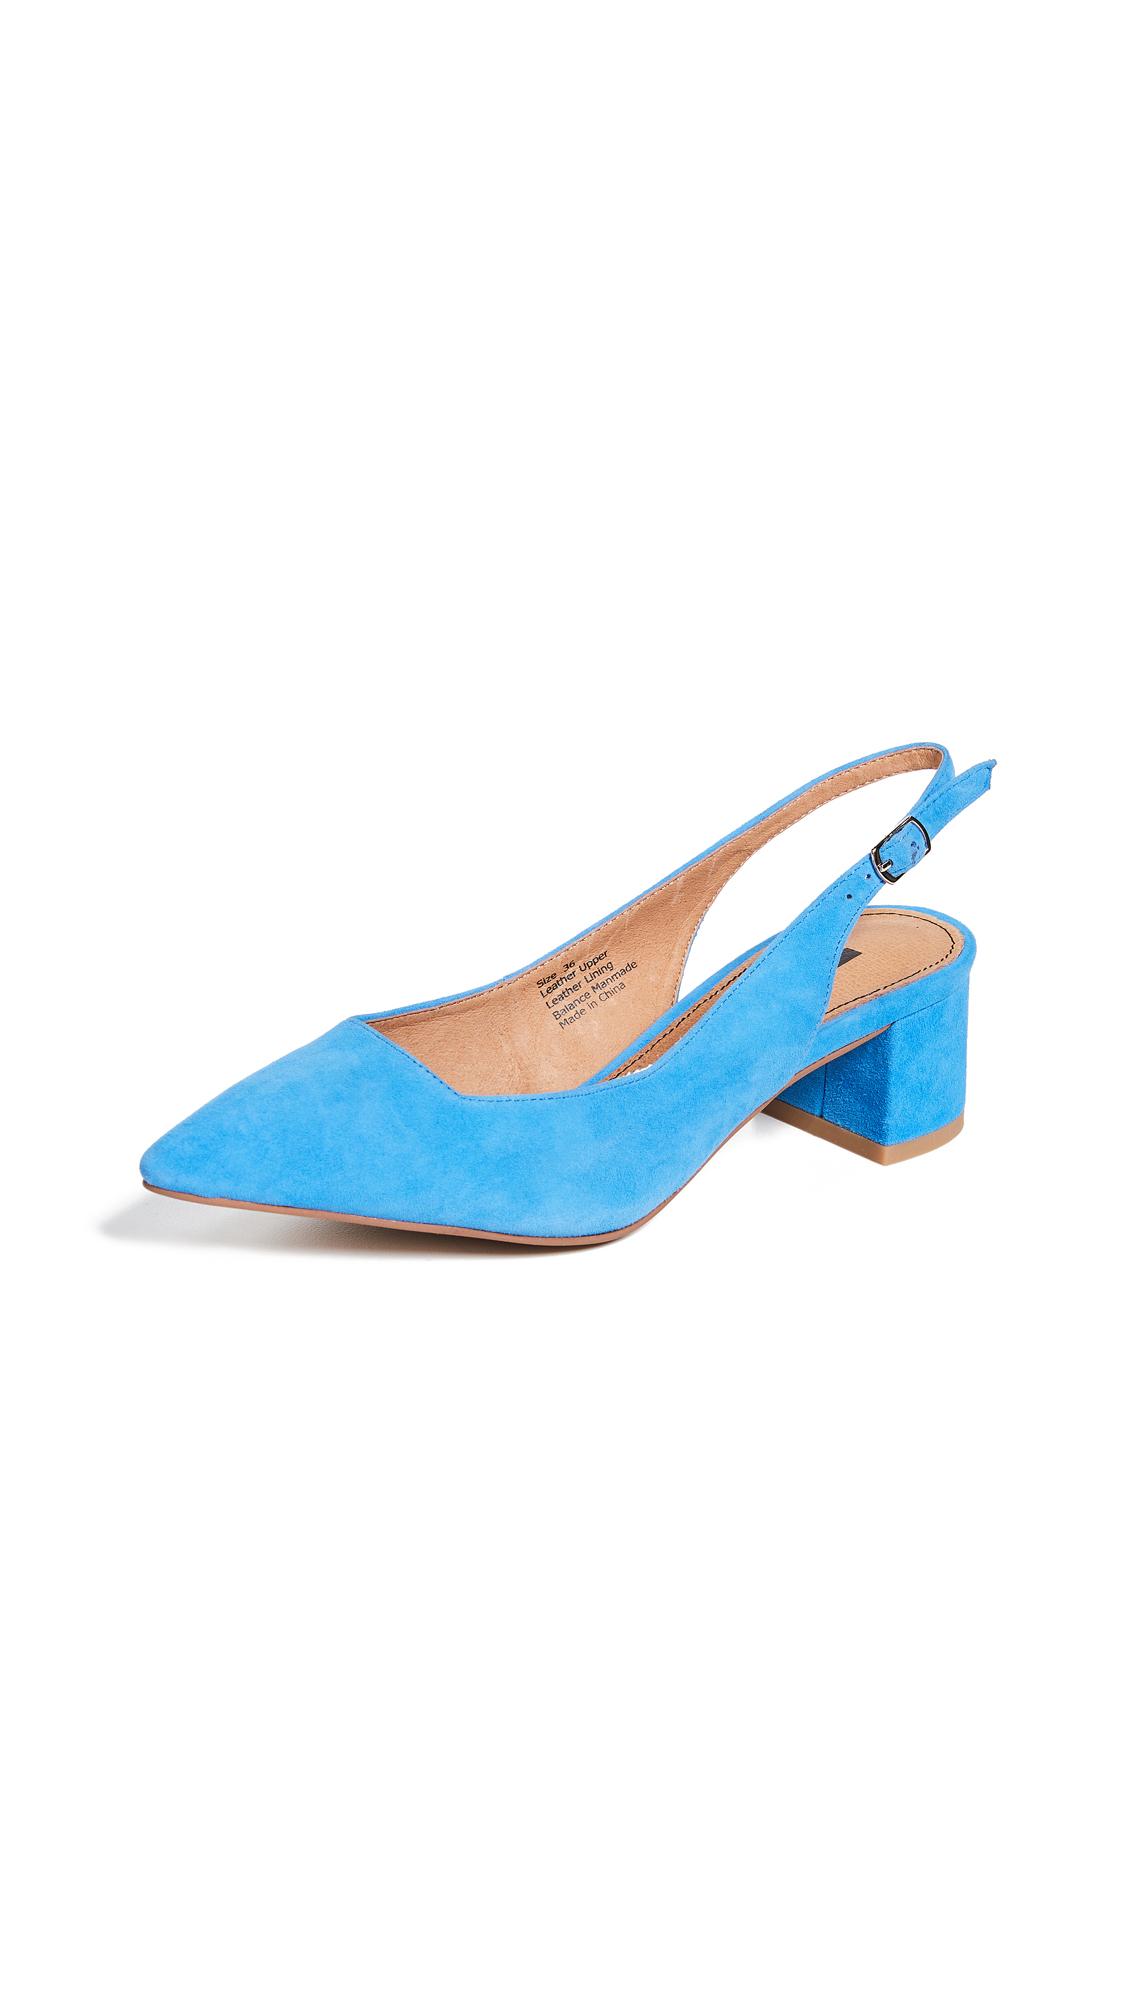 Photo of Matiko Kassie Block Heel Pumps - buy Matiko shoes